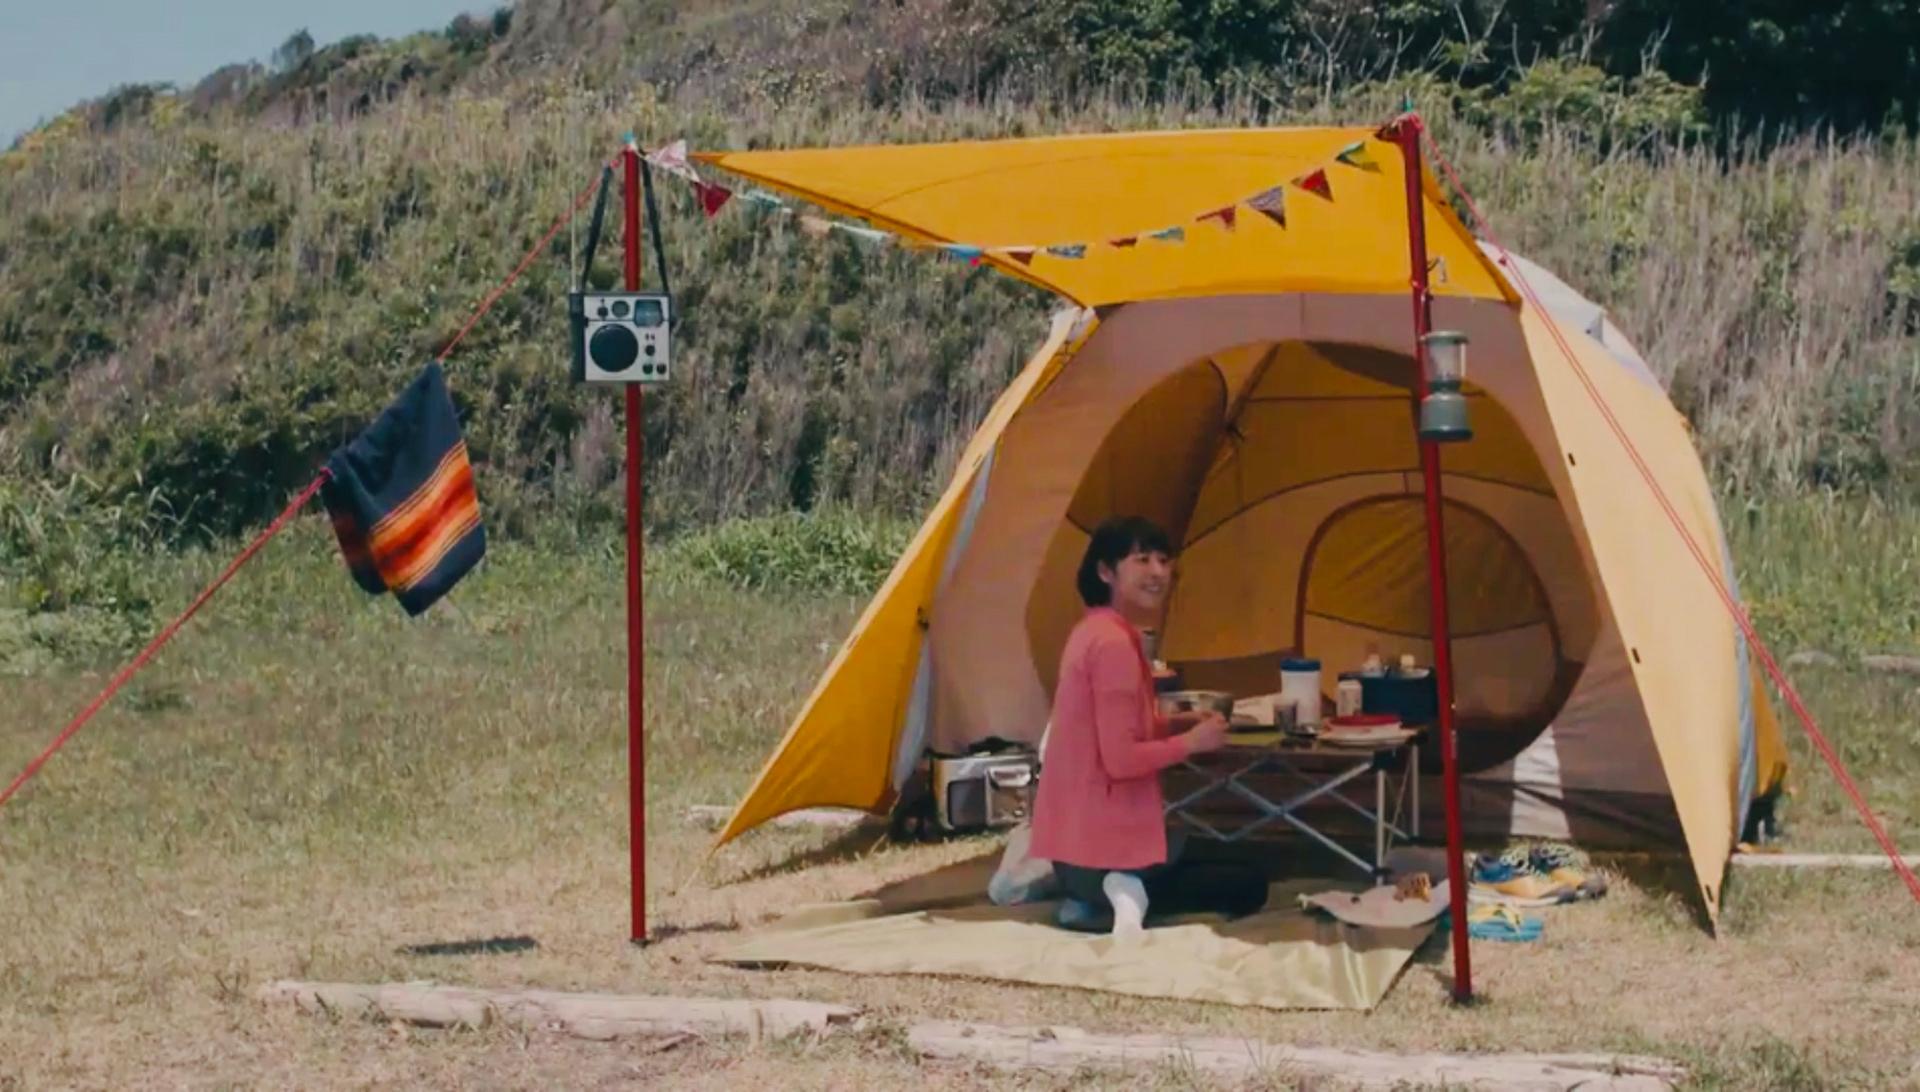 キャンプ テント ひとり で 食っ て 寝る ひとりキャンプで食って寝たい!飯も睡眠も満喫するためのギア選びのポイントとは?